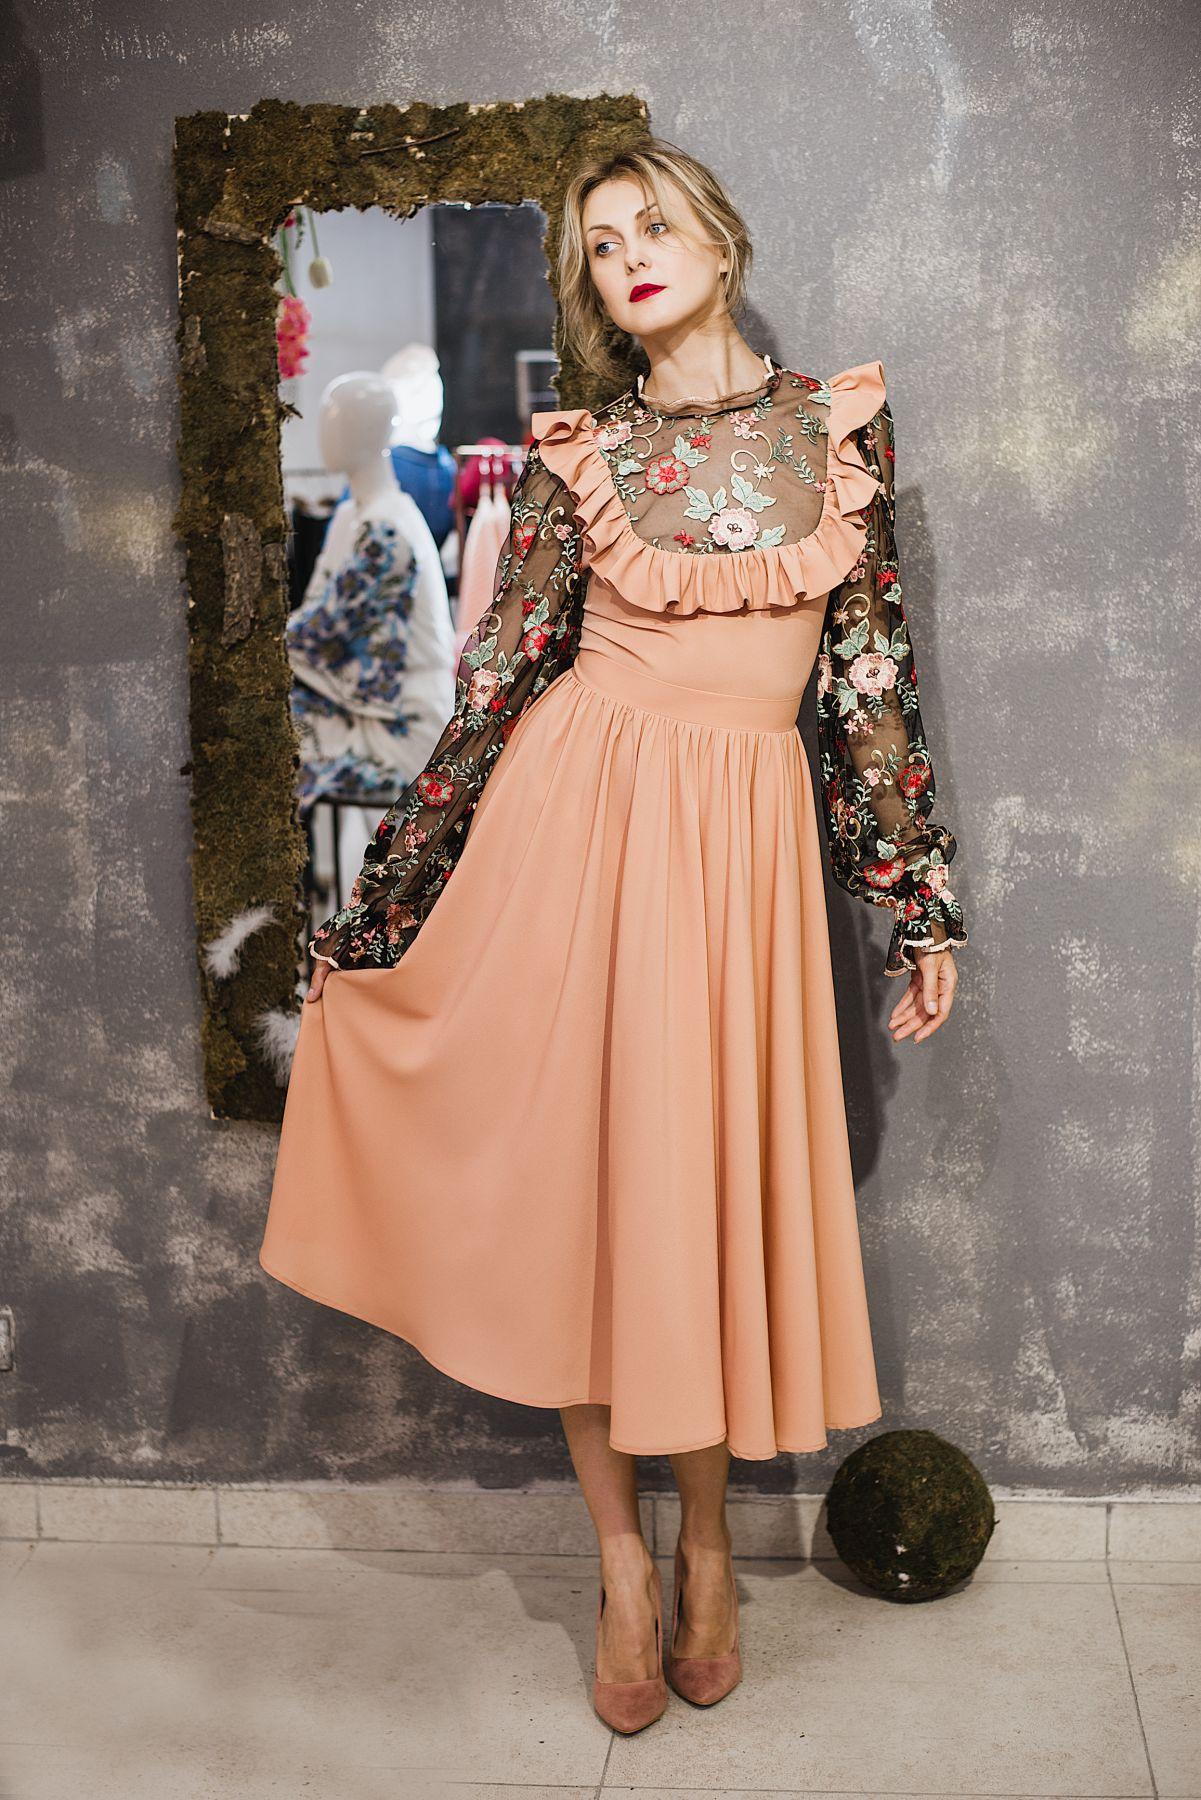 Романтическое платье купить в Москве, платье миди пудрового цвета ... 393117eb171